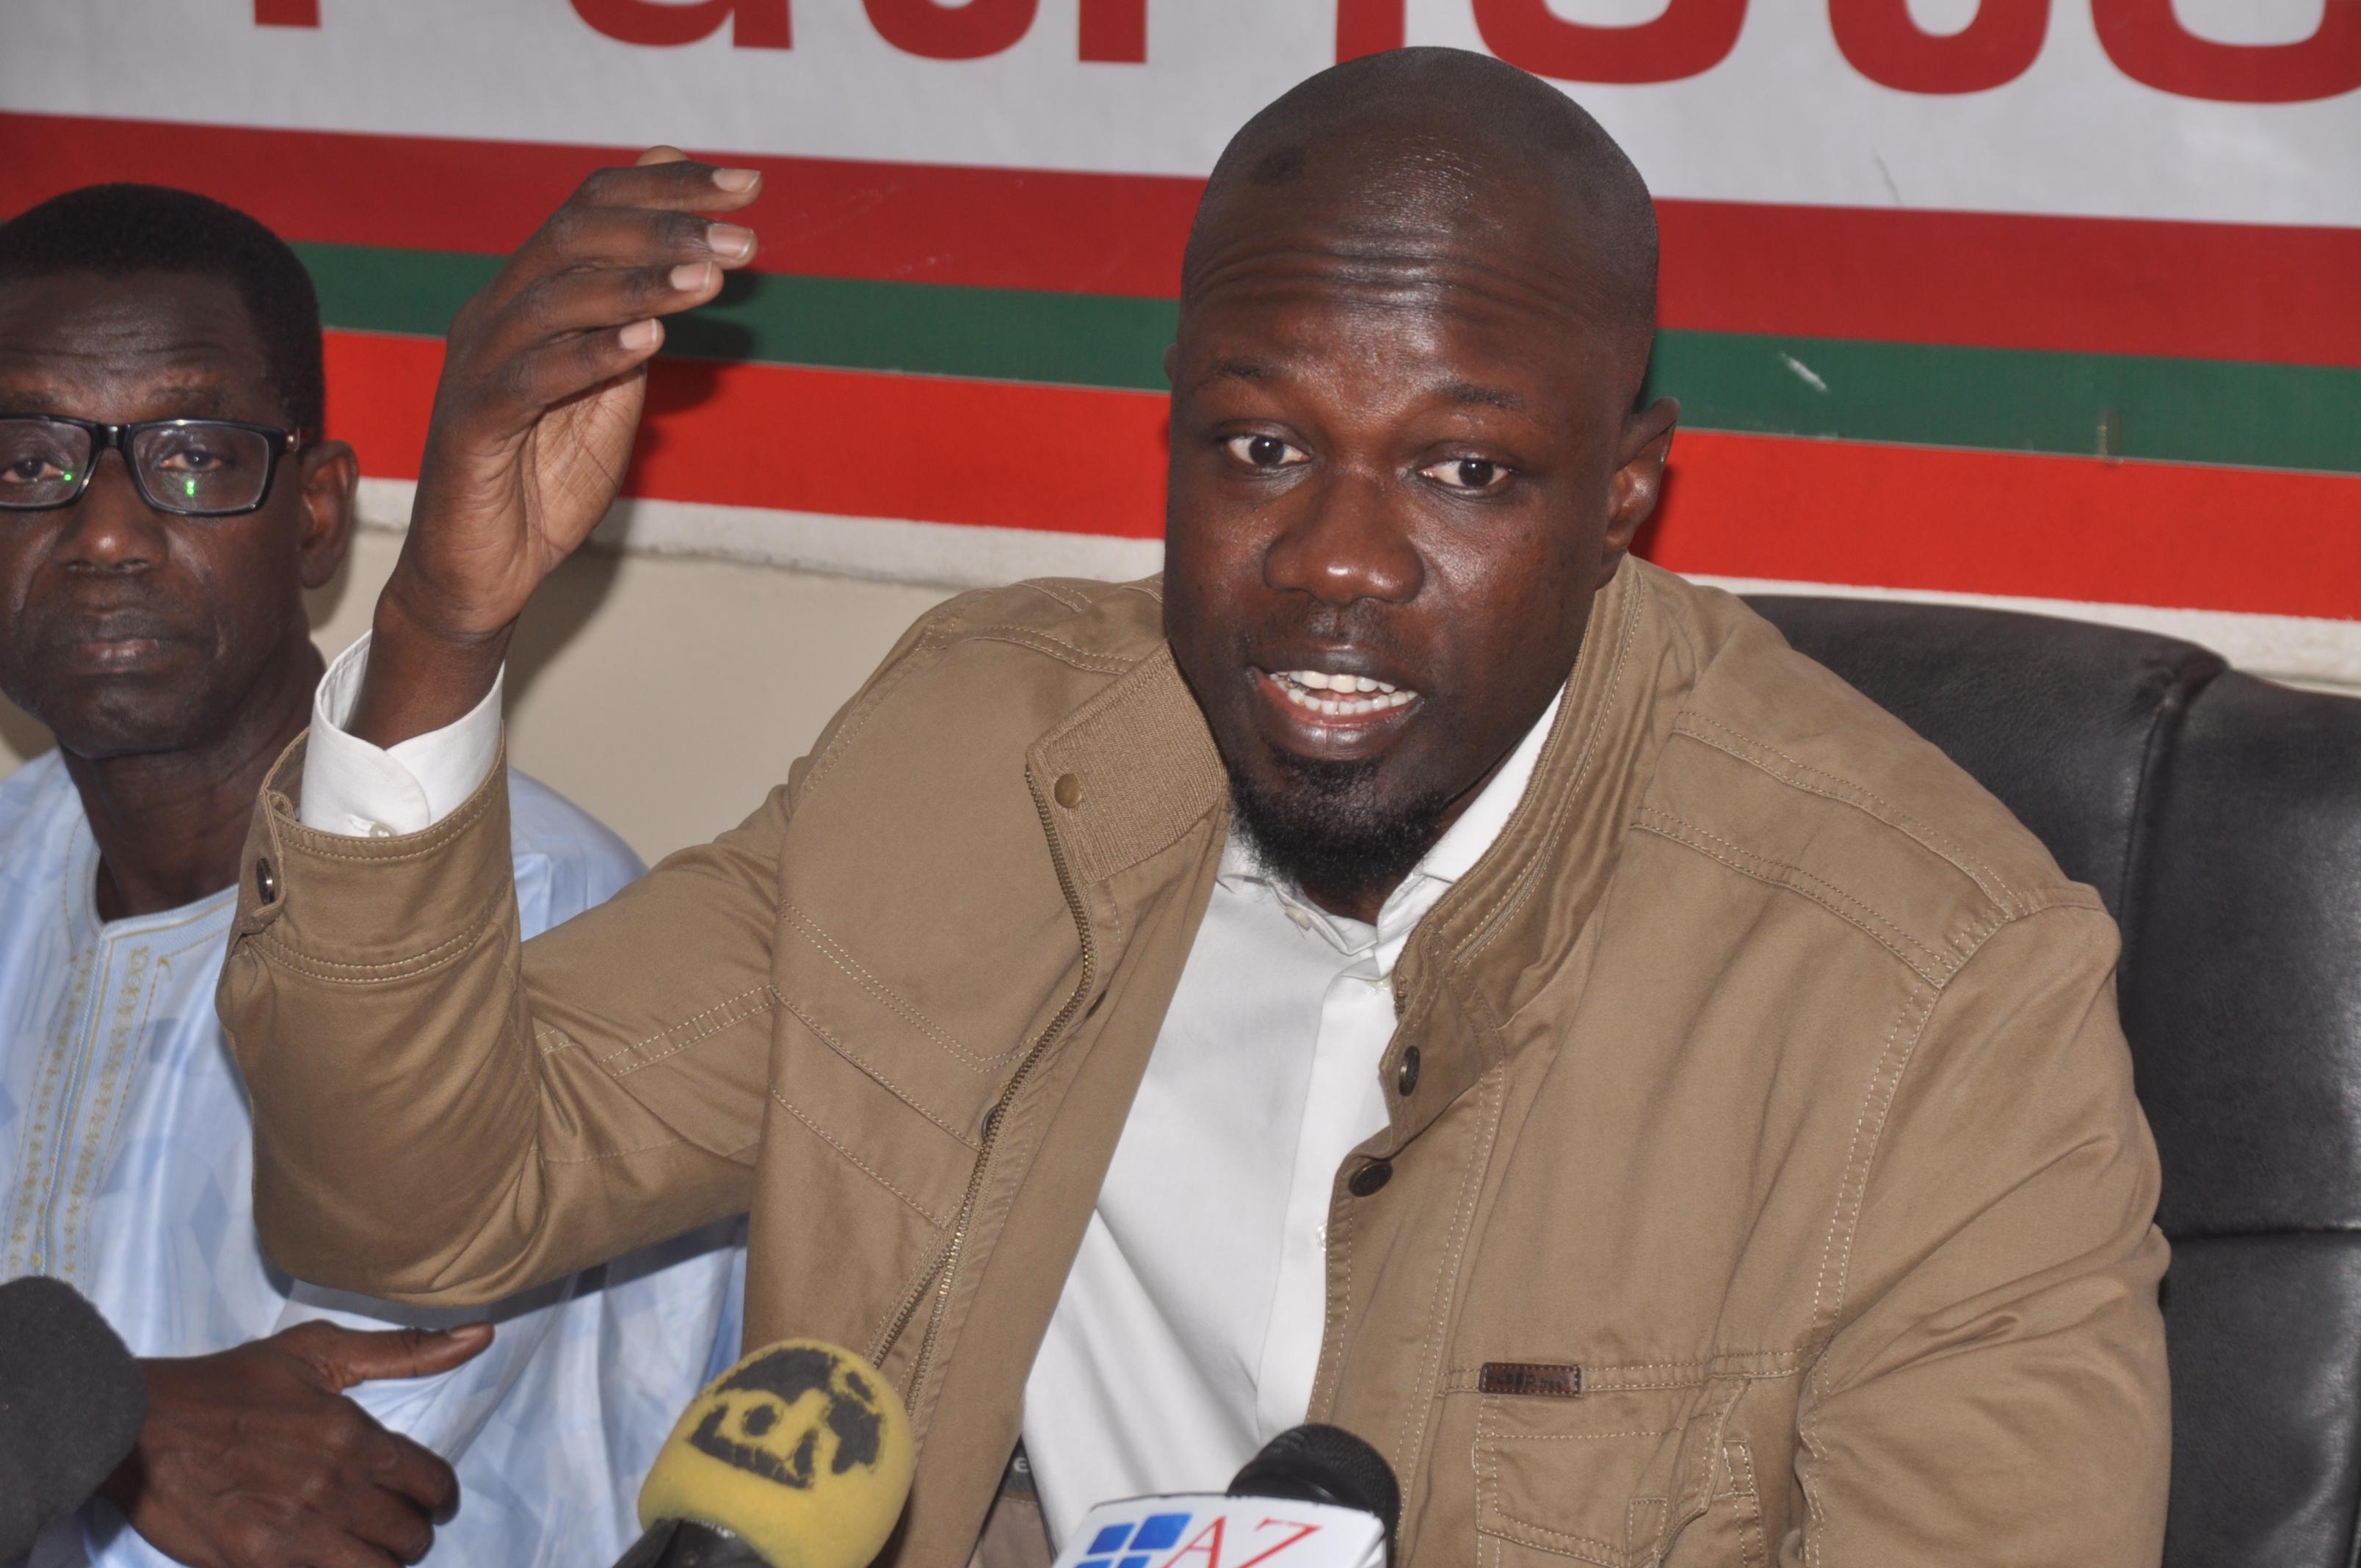 Précision suite aux sorties de Mr Ousmane Sonko sur son refus de prendre les appels de Karim Wade